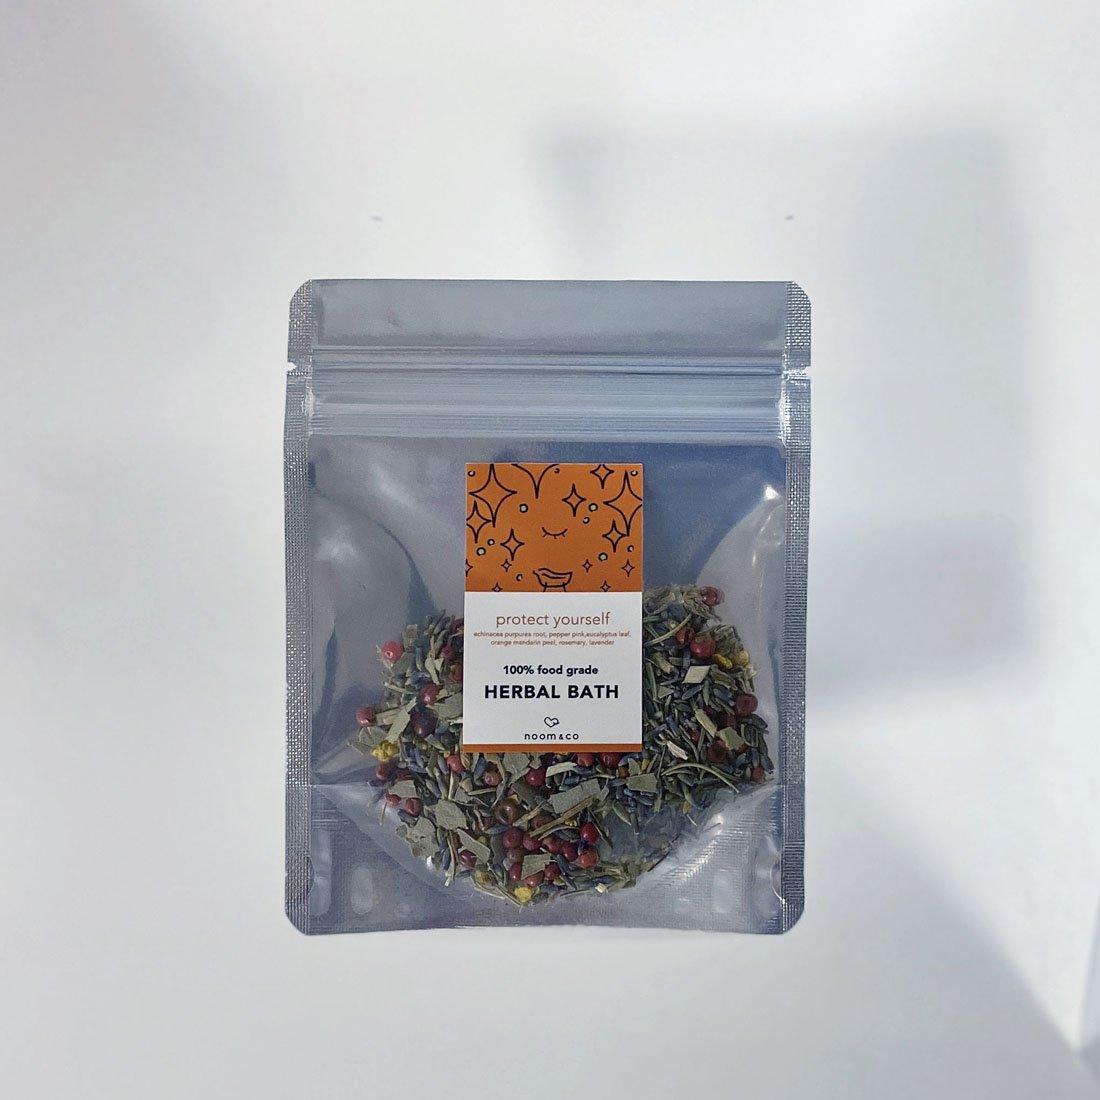 「疲れが取れない、風邪を引きやすい方におすすめ。」<1day 10g> 100% food grade HERBAL BATH:protect yourself